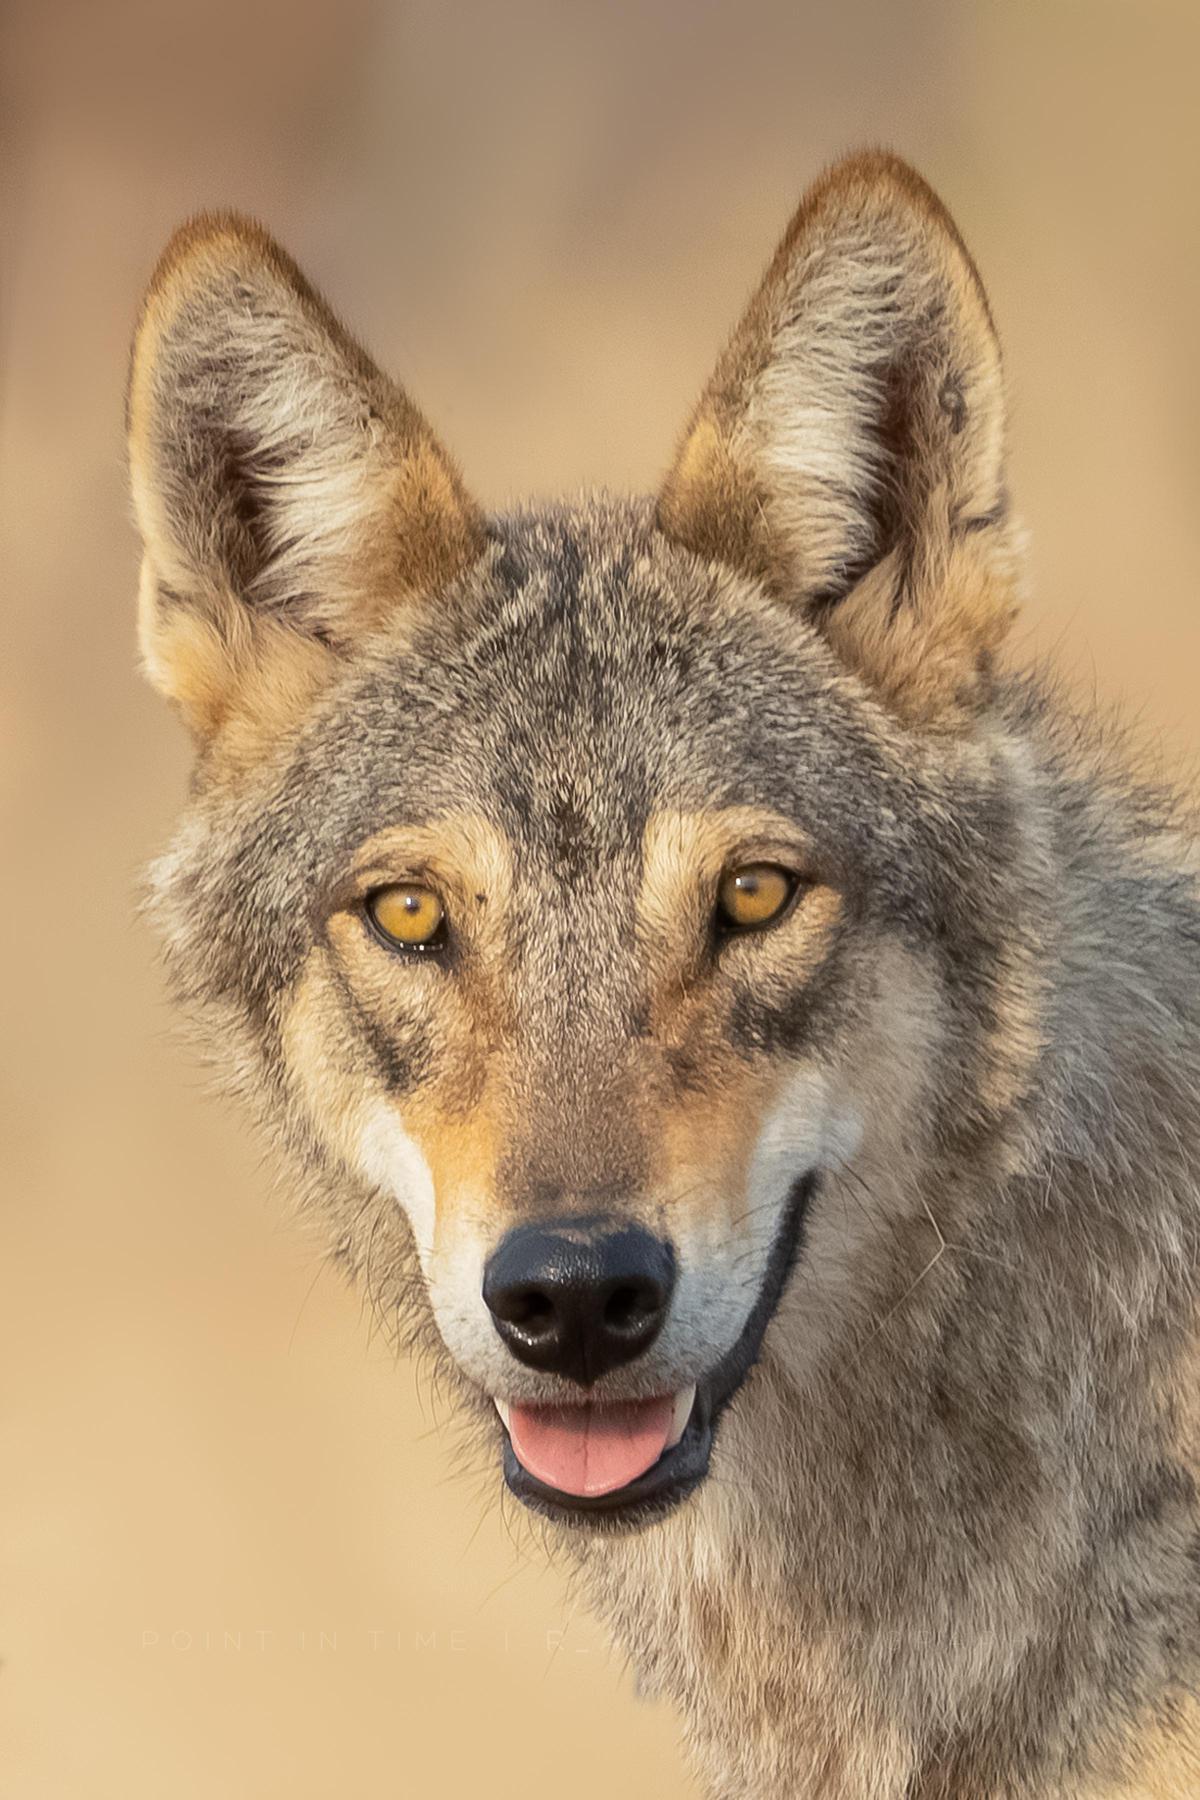 Image of Mammal, Vertebrate, Canidae, Czechoslovakian wolfdog, Canis, Wolf etc.